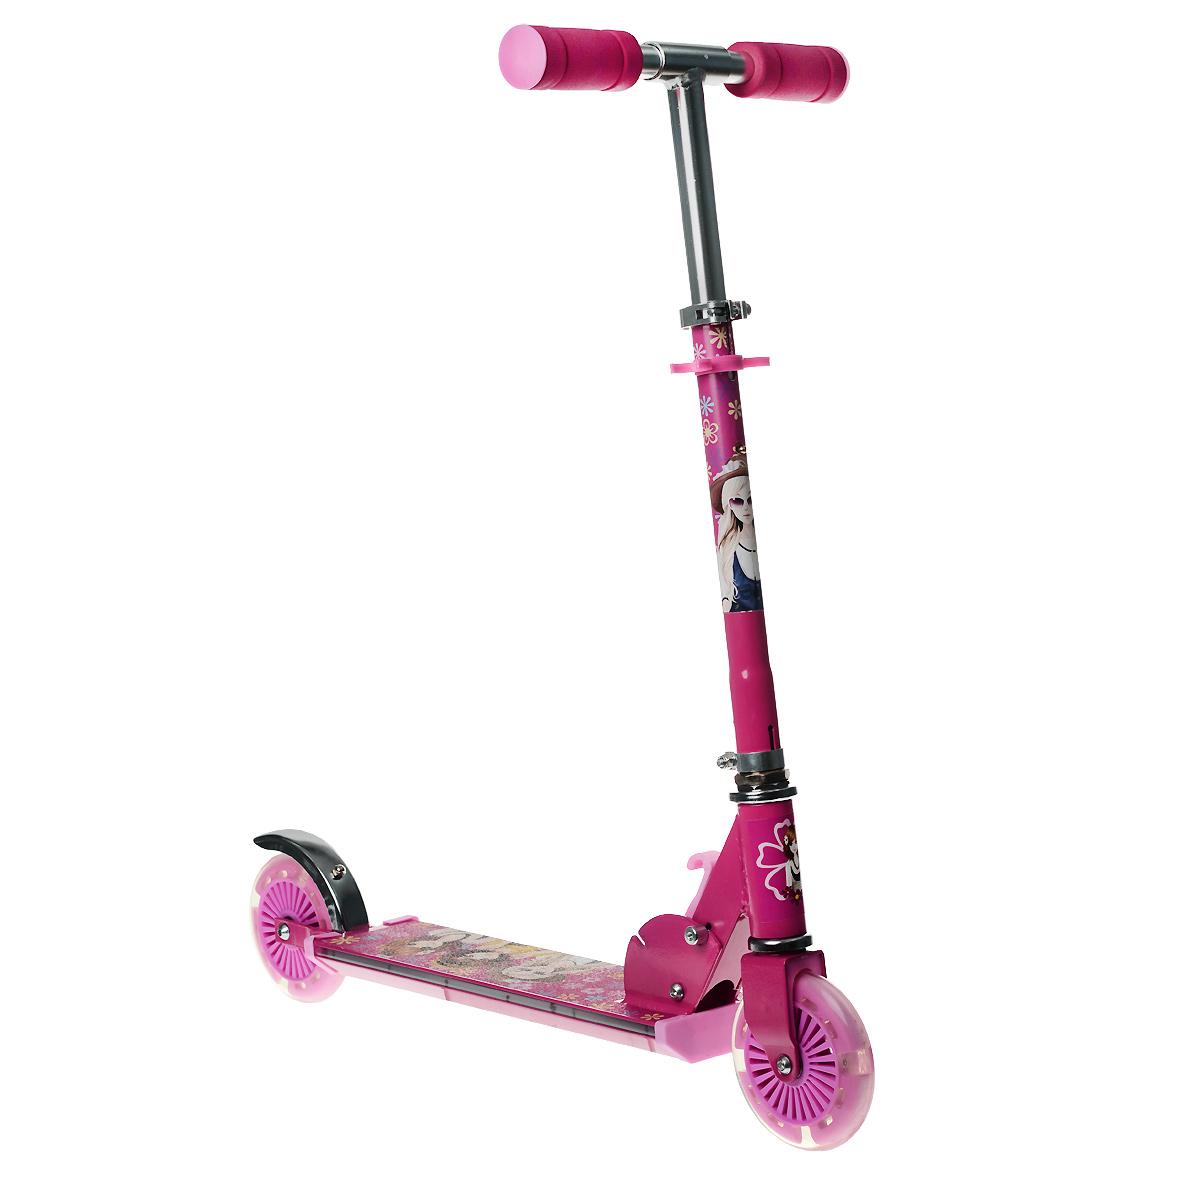 Двухколесный самокат Charming Sports предназначен для девочек. Мягкие ручки, расположенные на руле, помогут ребенку управлять самокатом. Простая в использовании система торможения с помощью заднего колеса (достаточно наступить на педаль тормоза, расположенную над задним колесом). Дека и колеса светятся. Рулевая стойка – регулируется до 82 см.